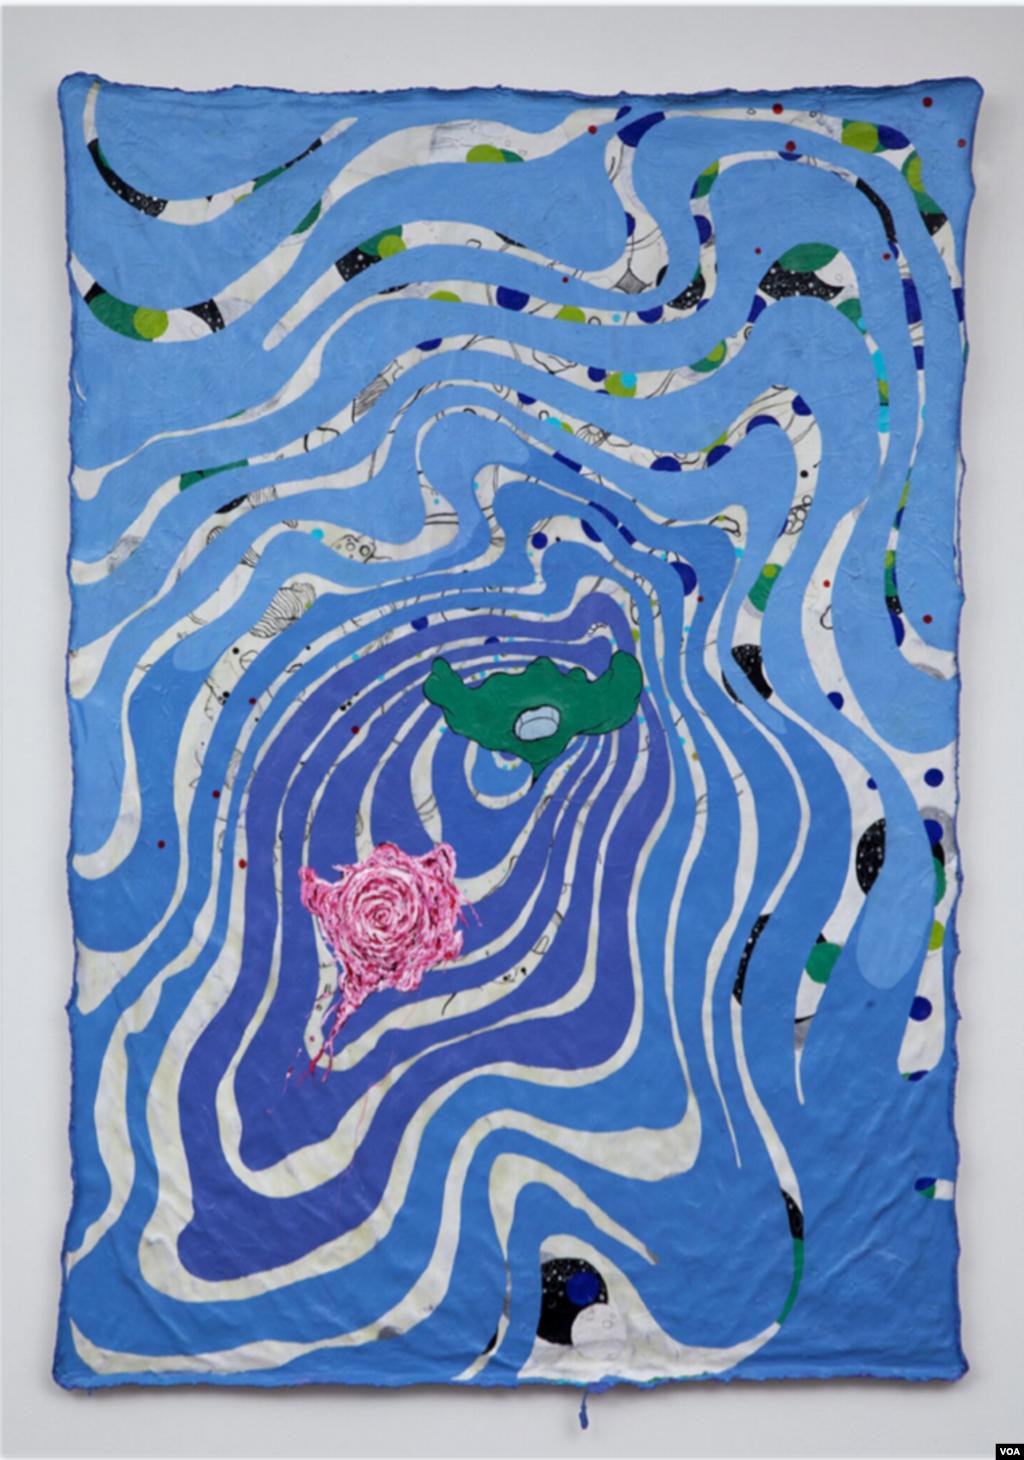 اثر ارائه شده در نمایشگاه آثار هنرمندان ایرانی و کوبایی در نیویورک. از Leslie Sardinias